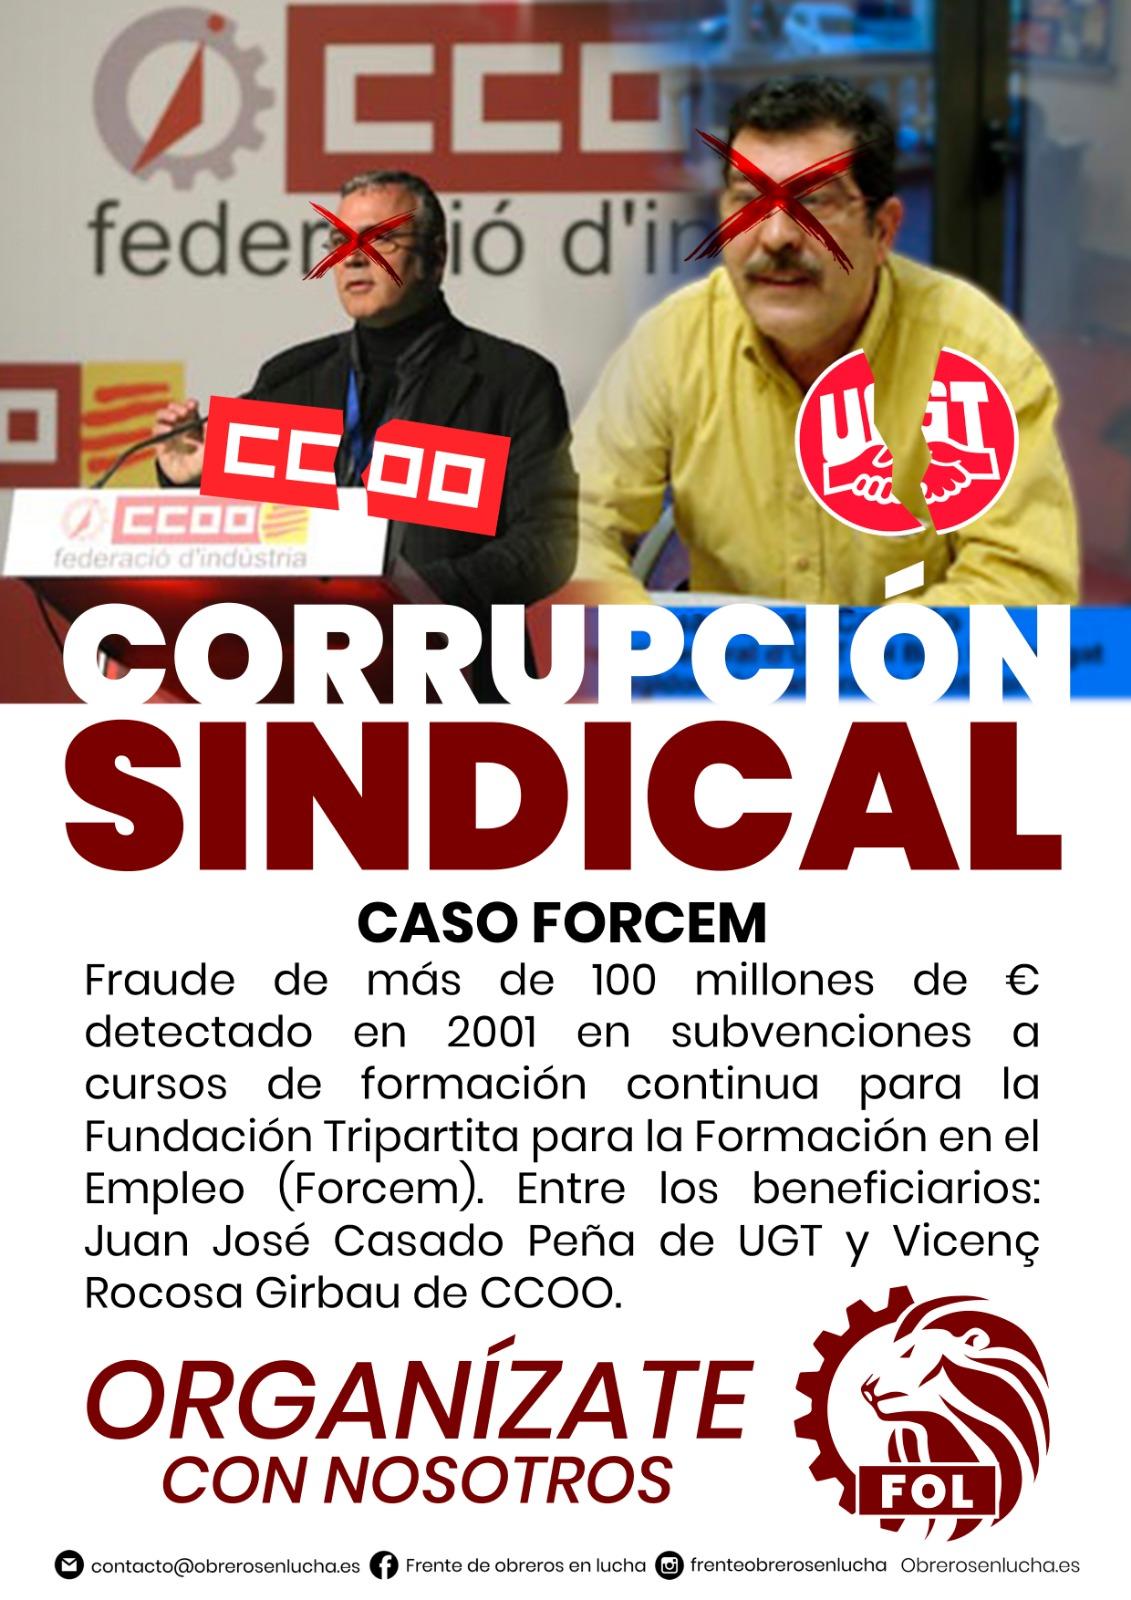 CORRUPCIÓN SINDICAL – CASO FORCEM